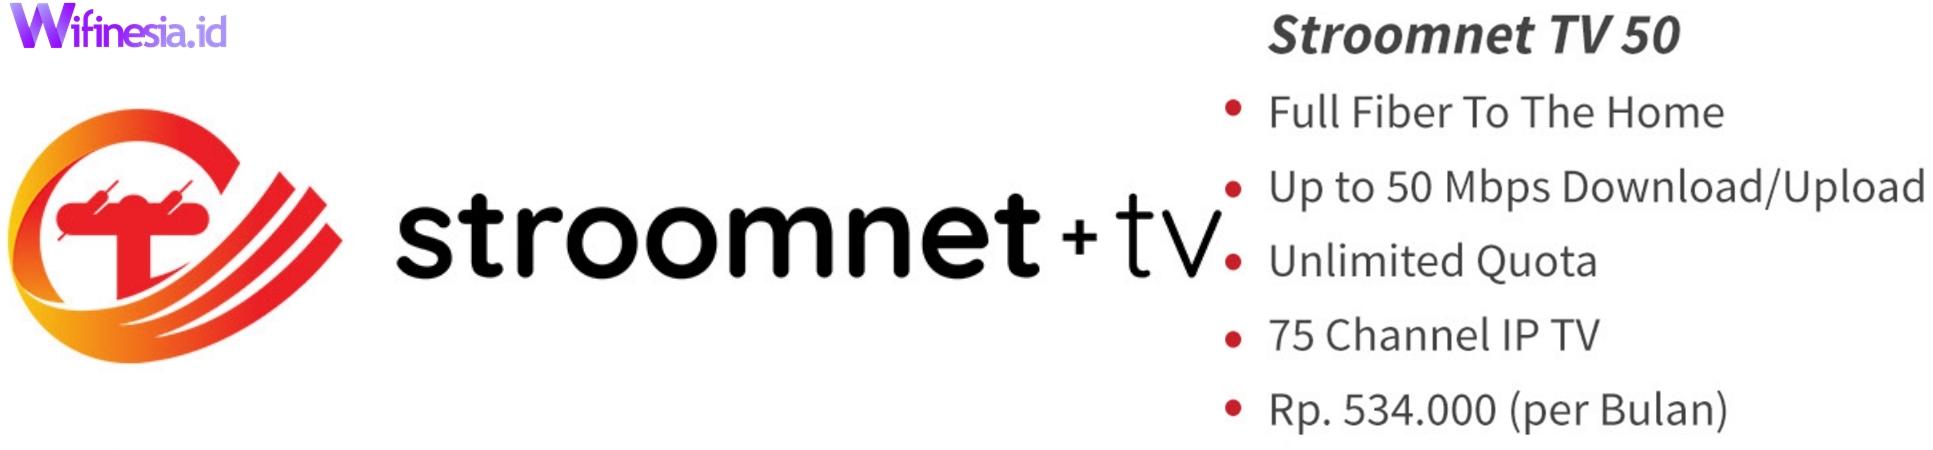 Harga Paket Stroomnet + TV 50 Berlangganan Jabodetabek